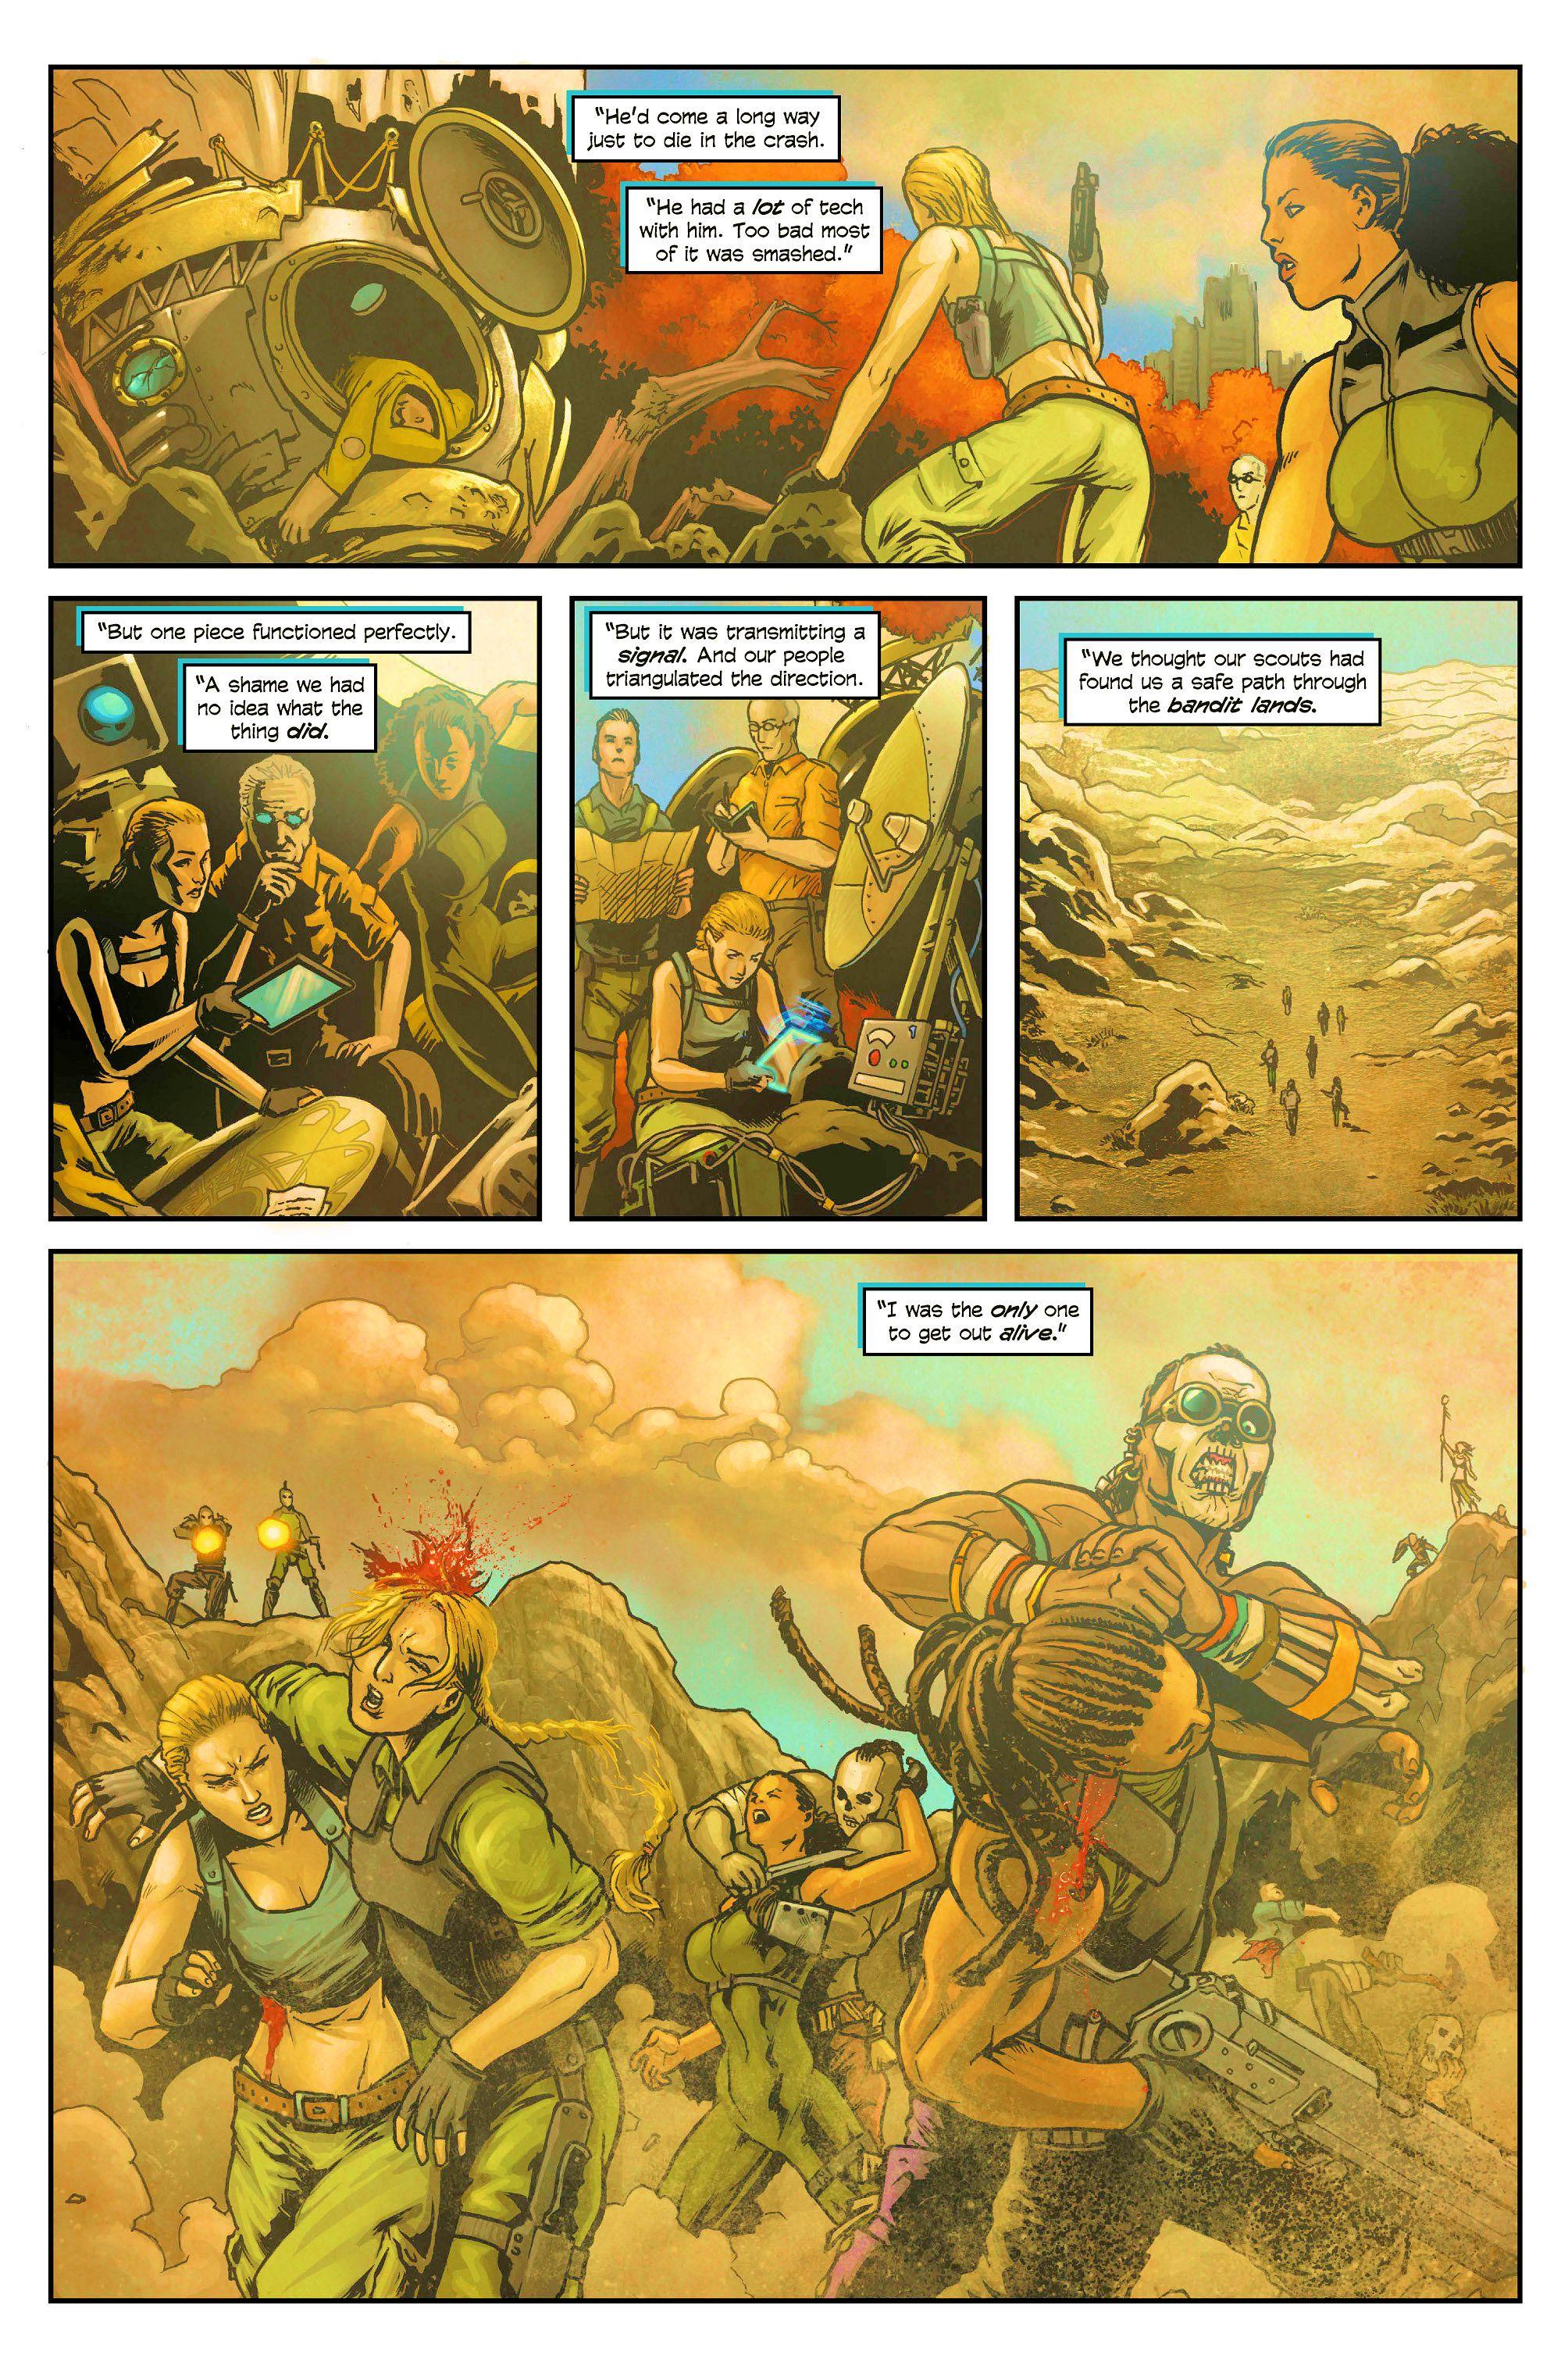 Nalu - Fireworks Page 1/2 by xxwaterdragonxx   Nalu, Fairy